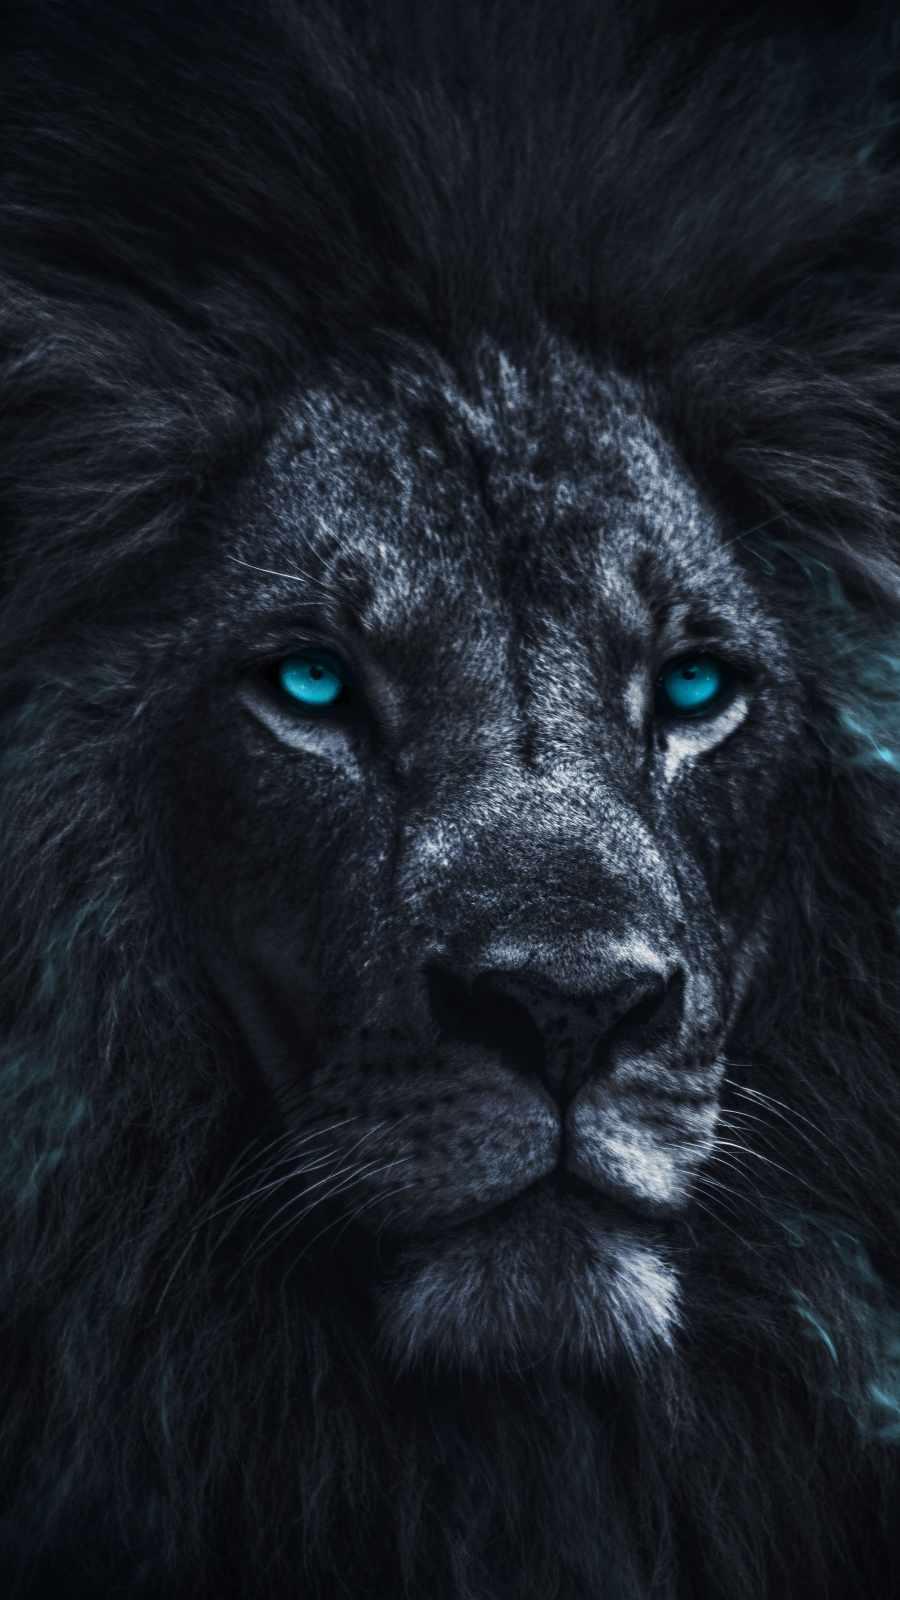 King Lion Eyes iPhone Wallpaper